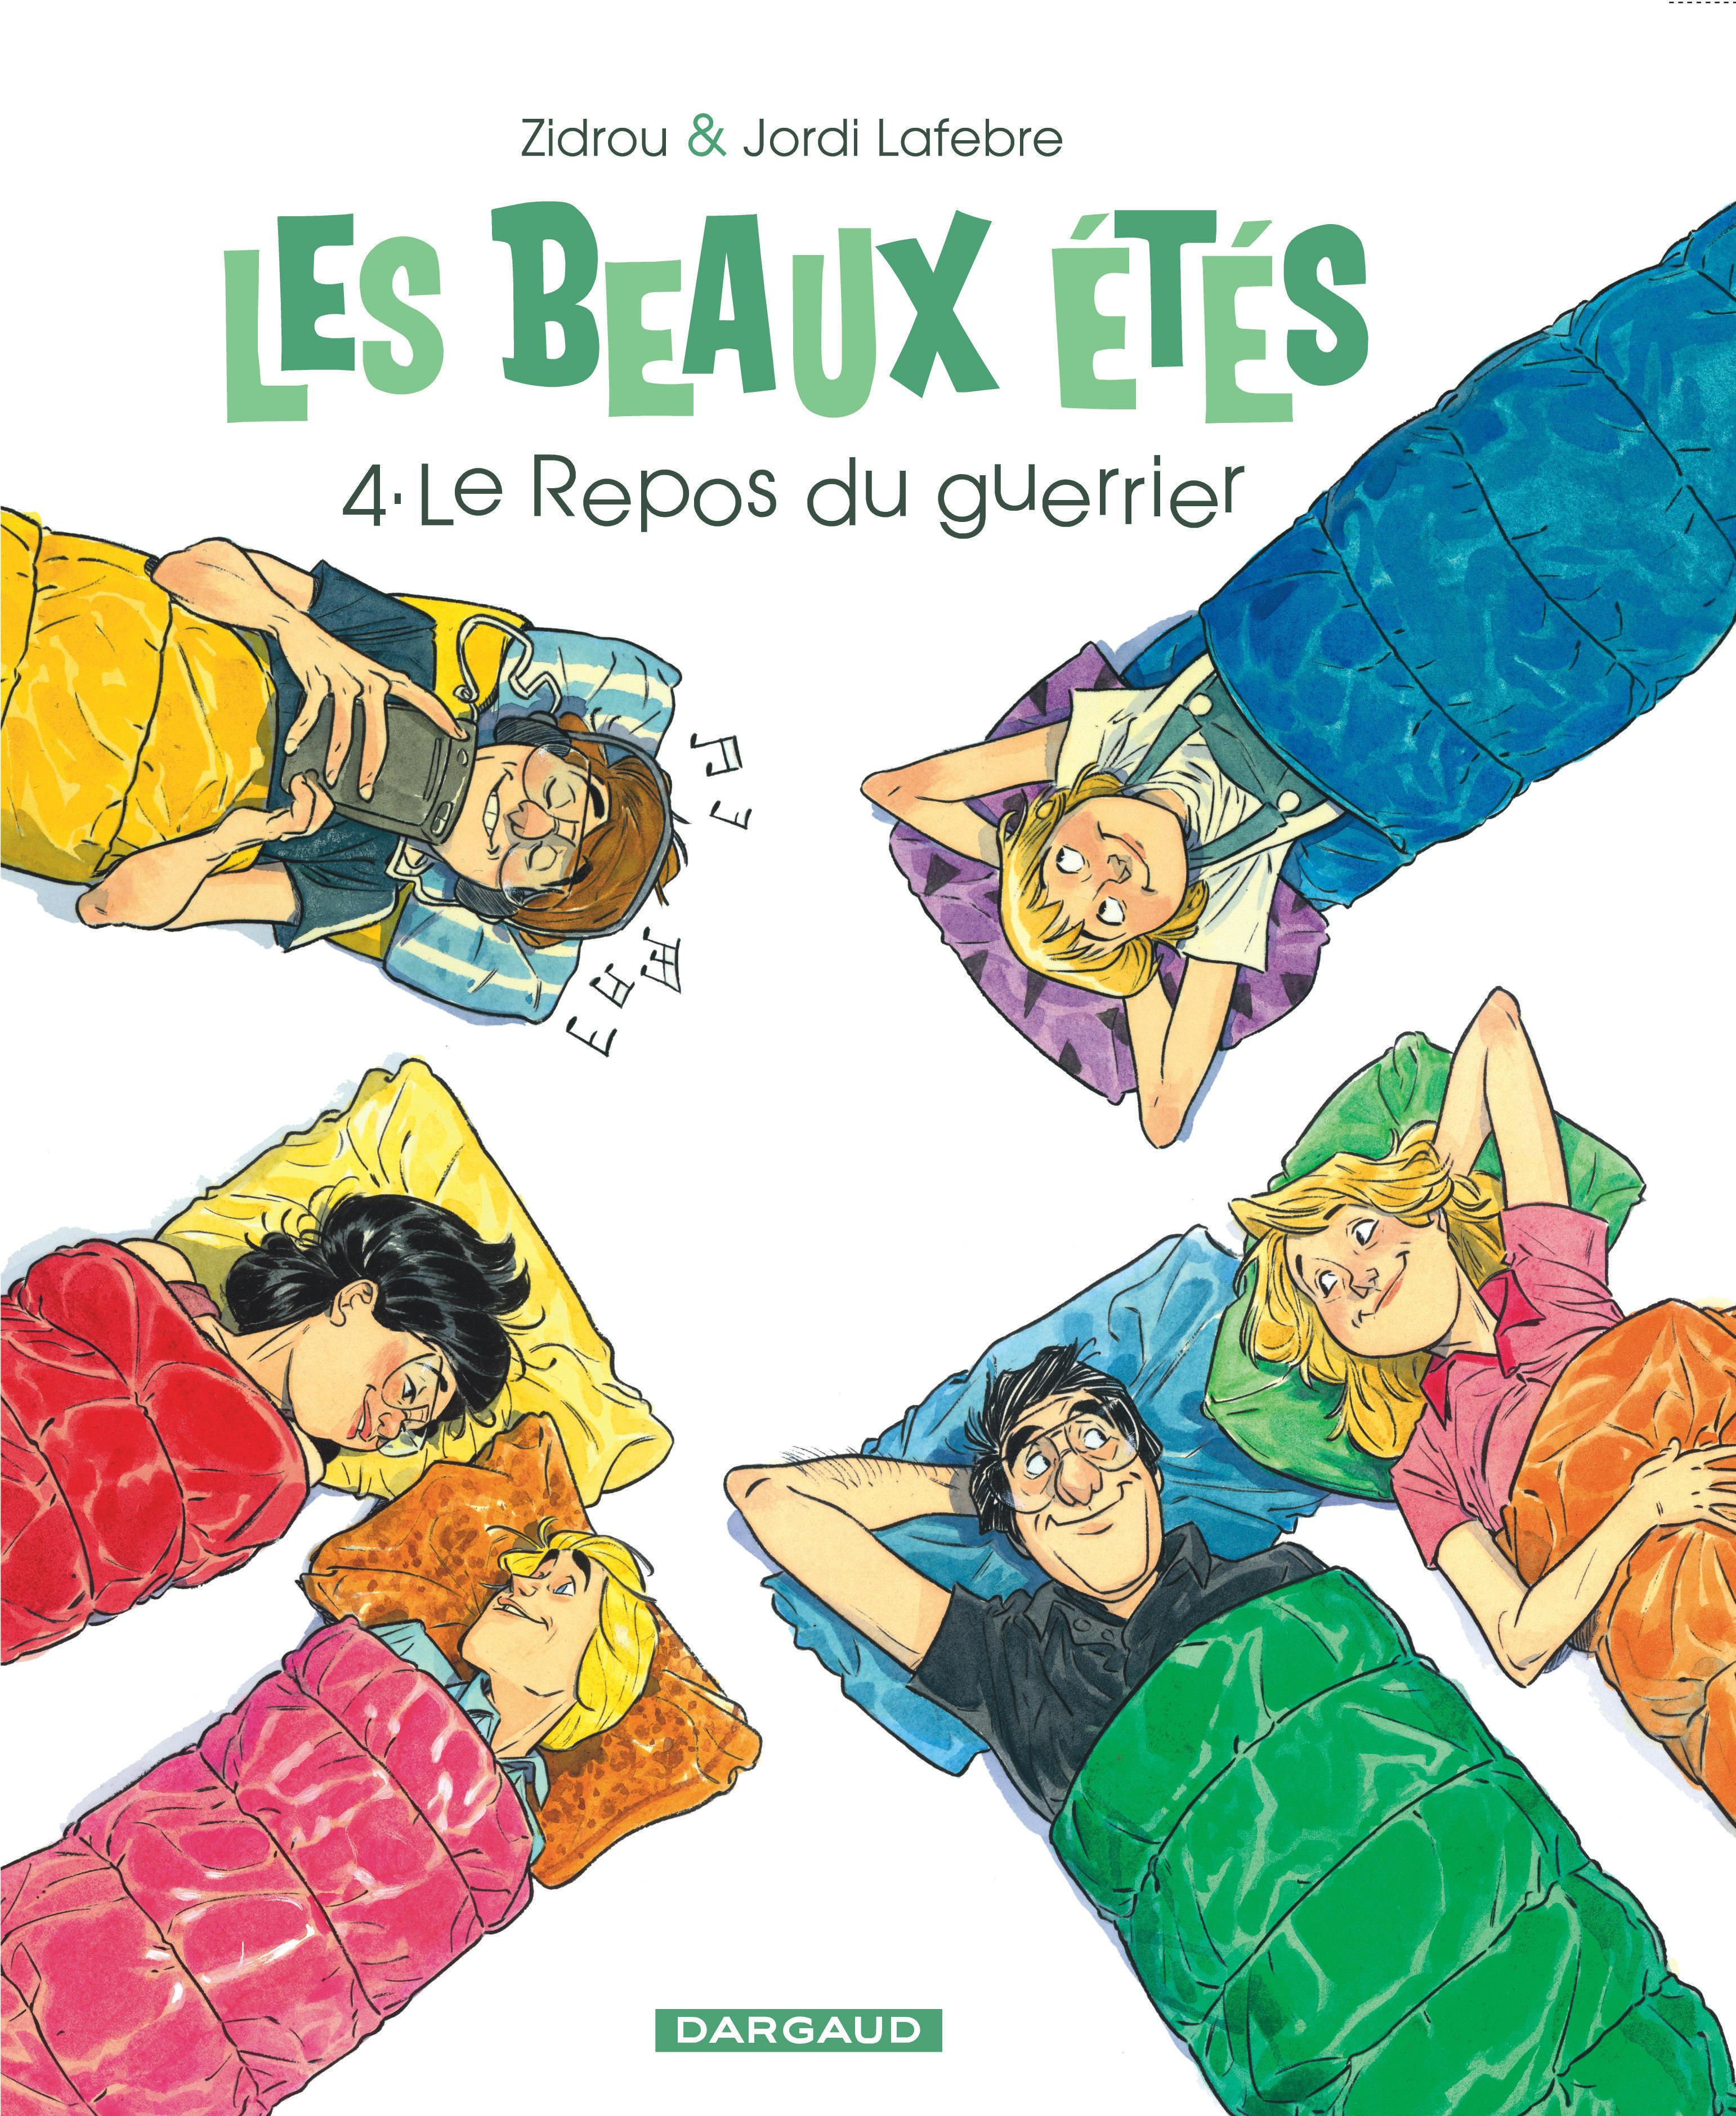 LES BEAUX ETES T4 LES BEAUX ETES - TOME 4 - REPOS DU GUERRIER (LE)